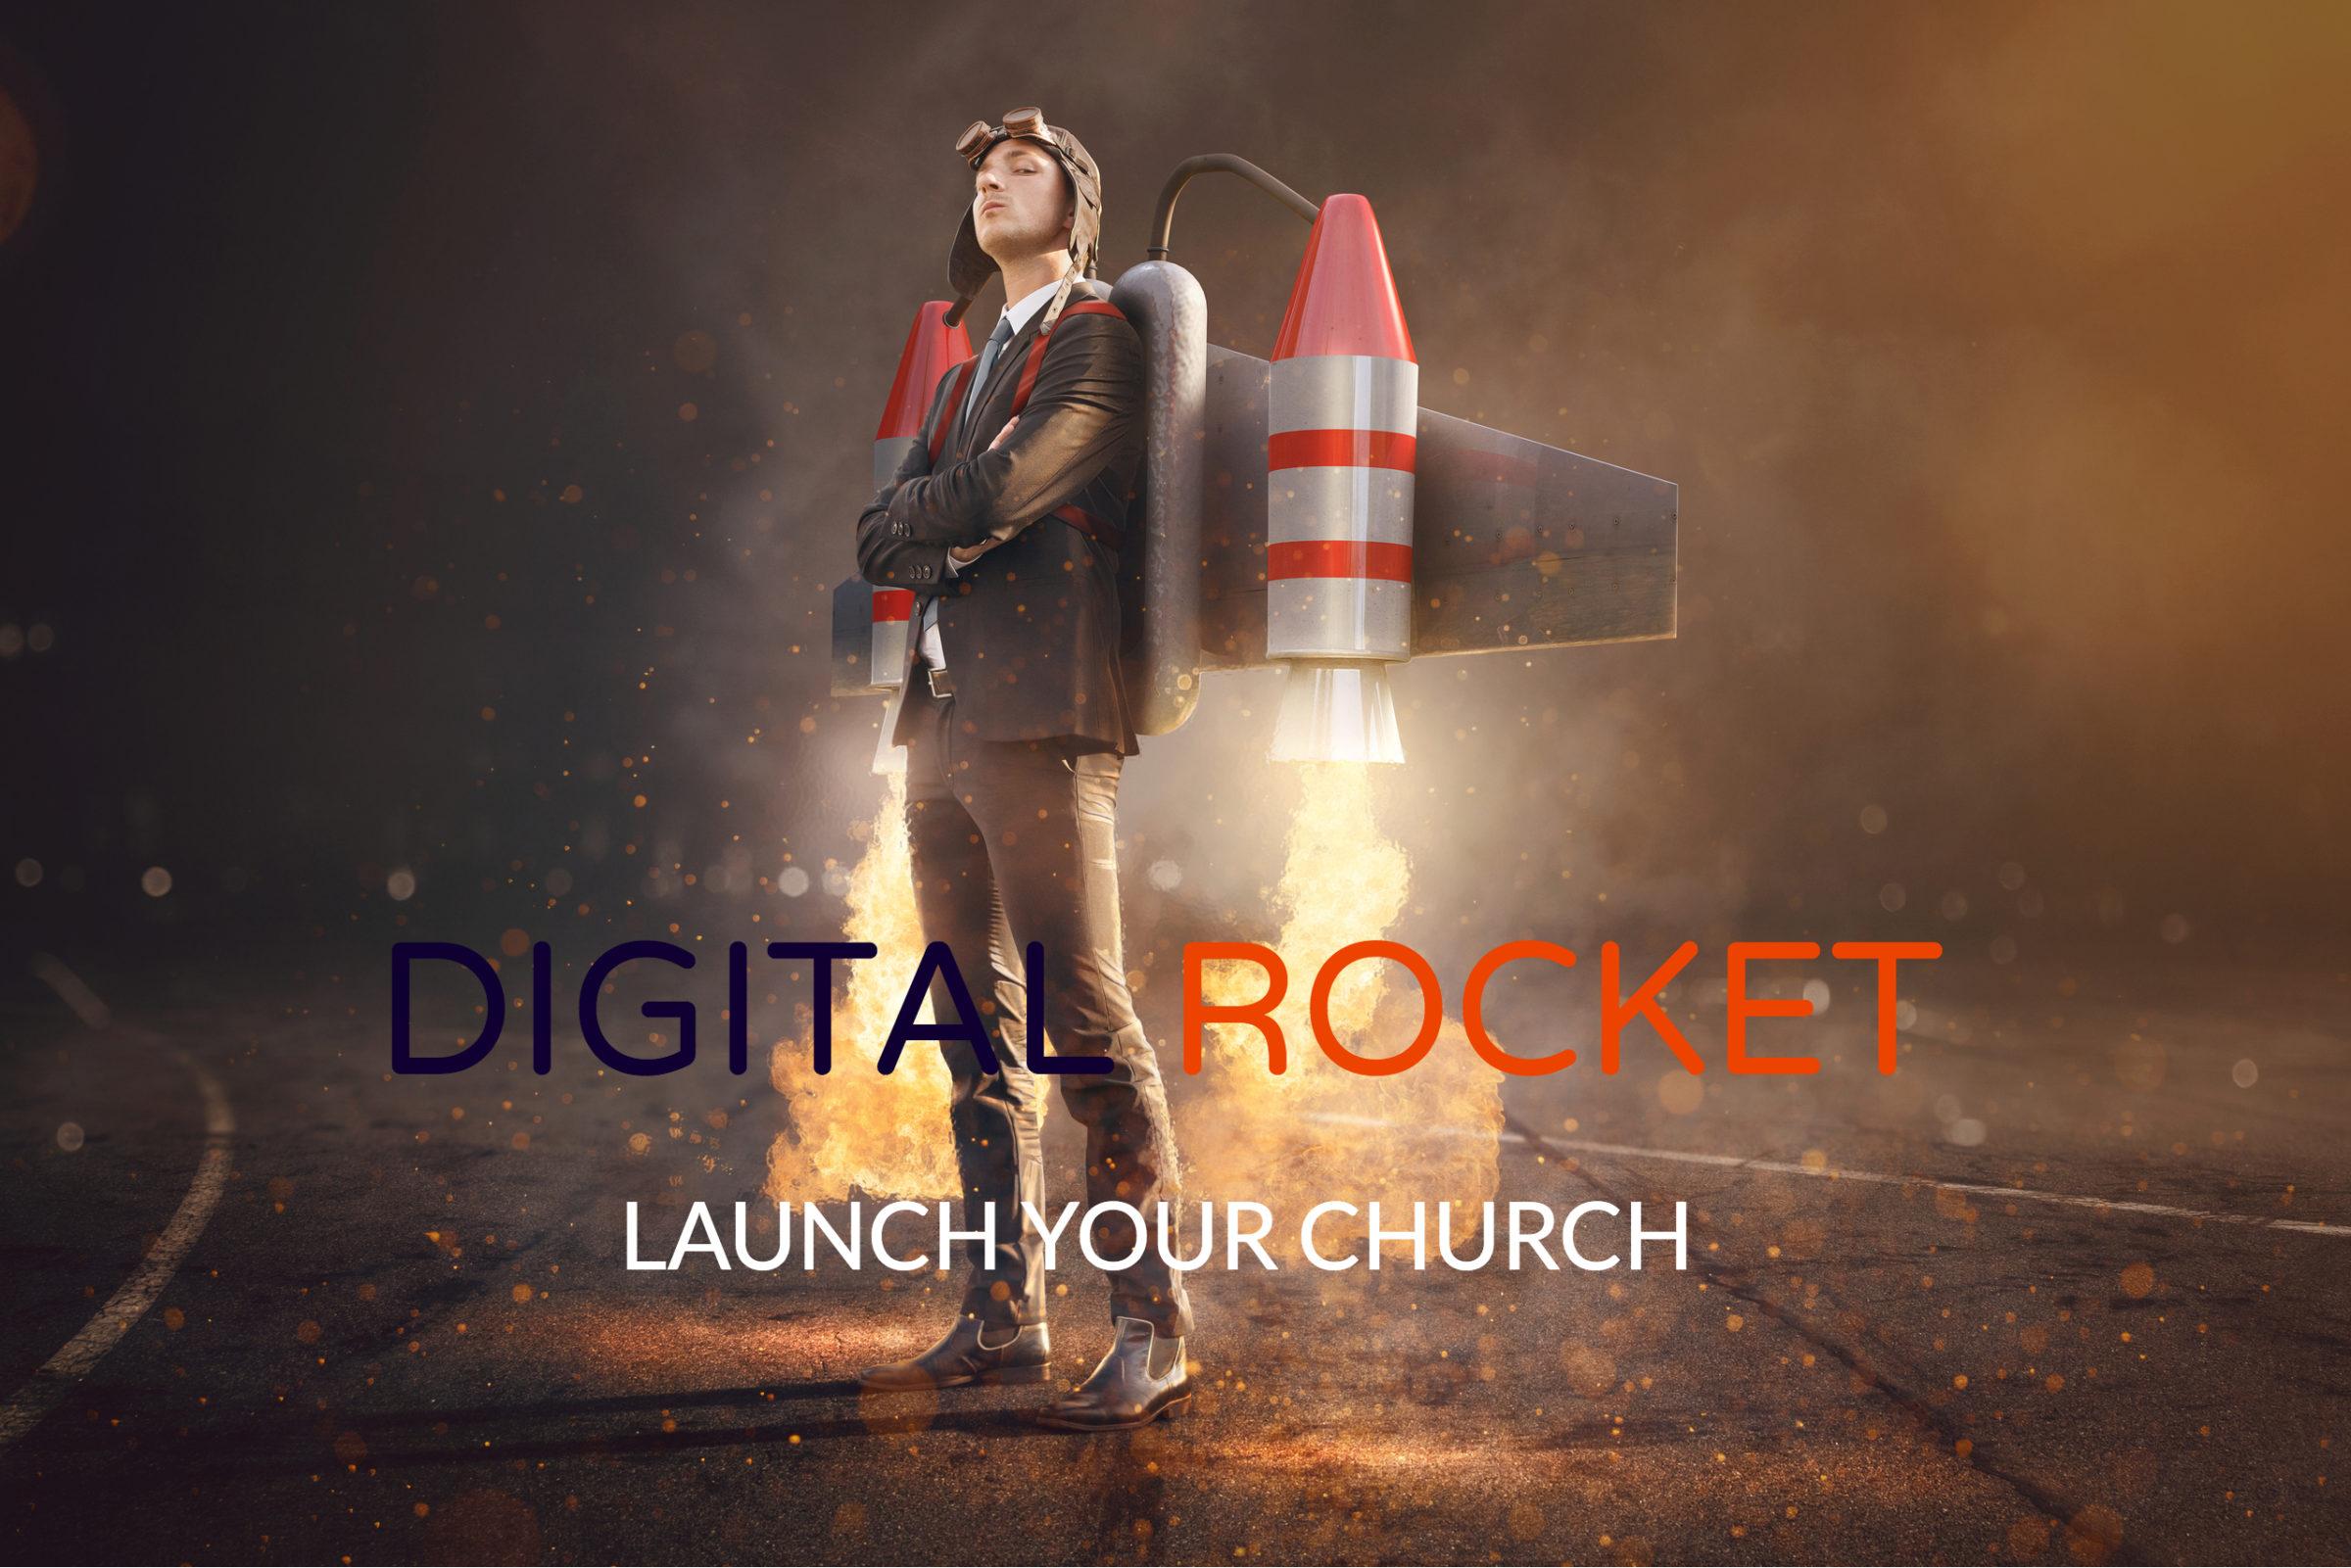 CHURCH WEBSITES DIGITAL ROCKET